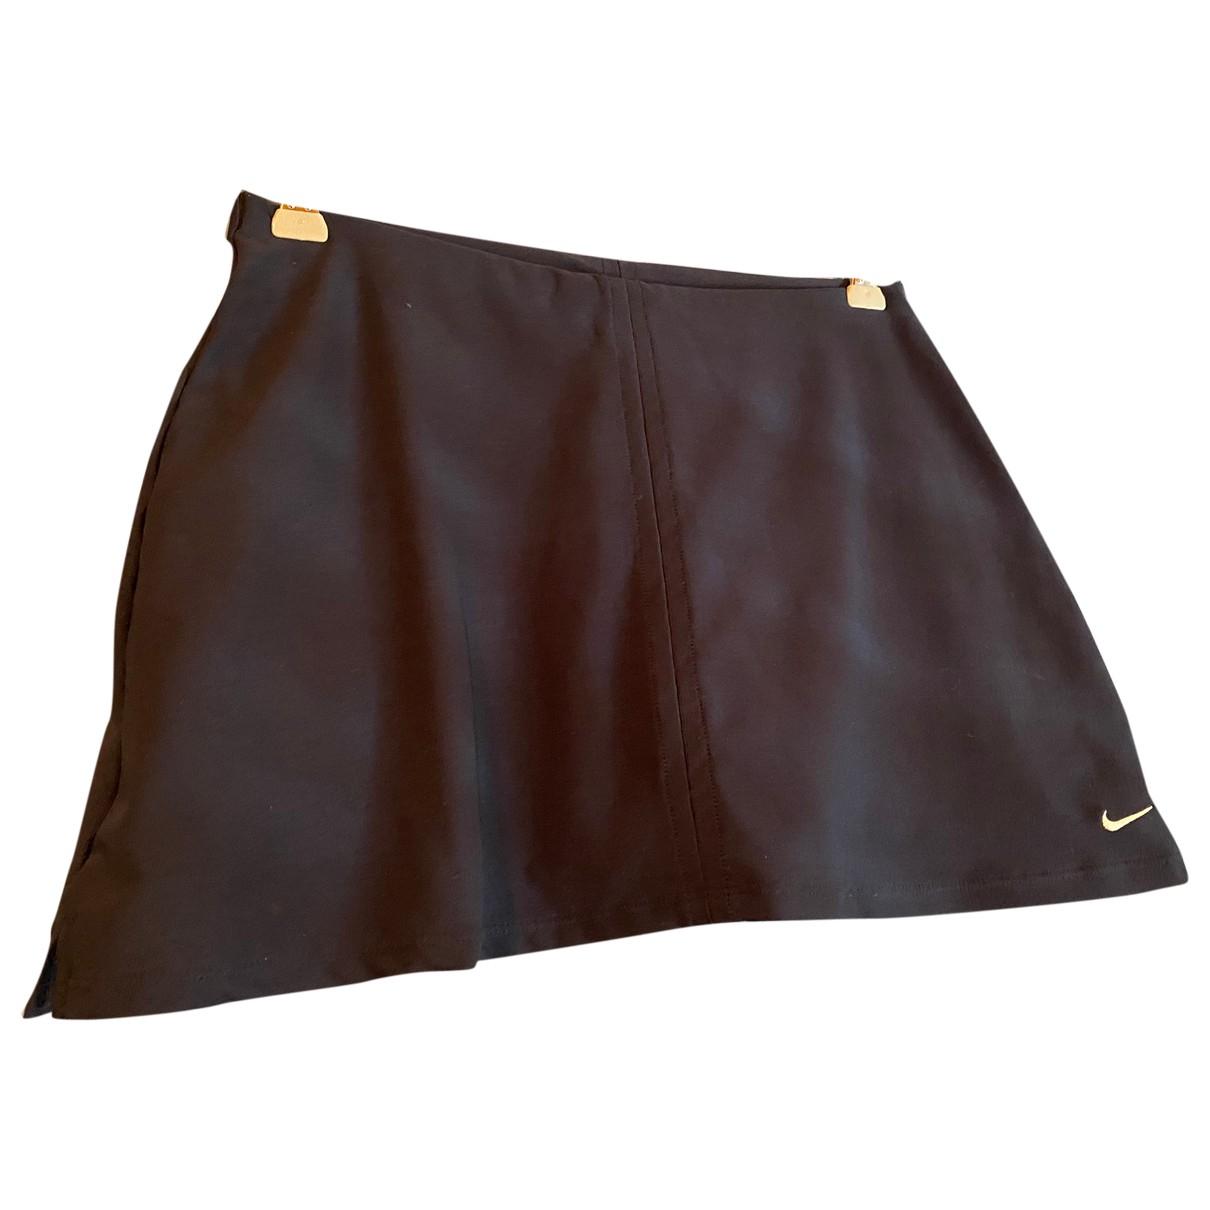 Nike \N Navy skirt for Women XS International